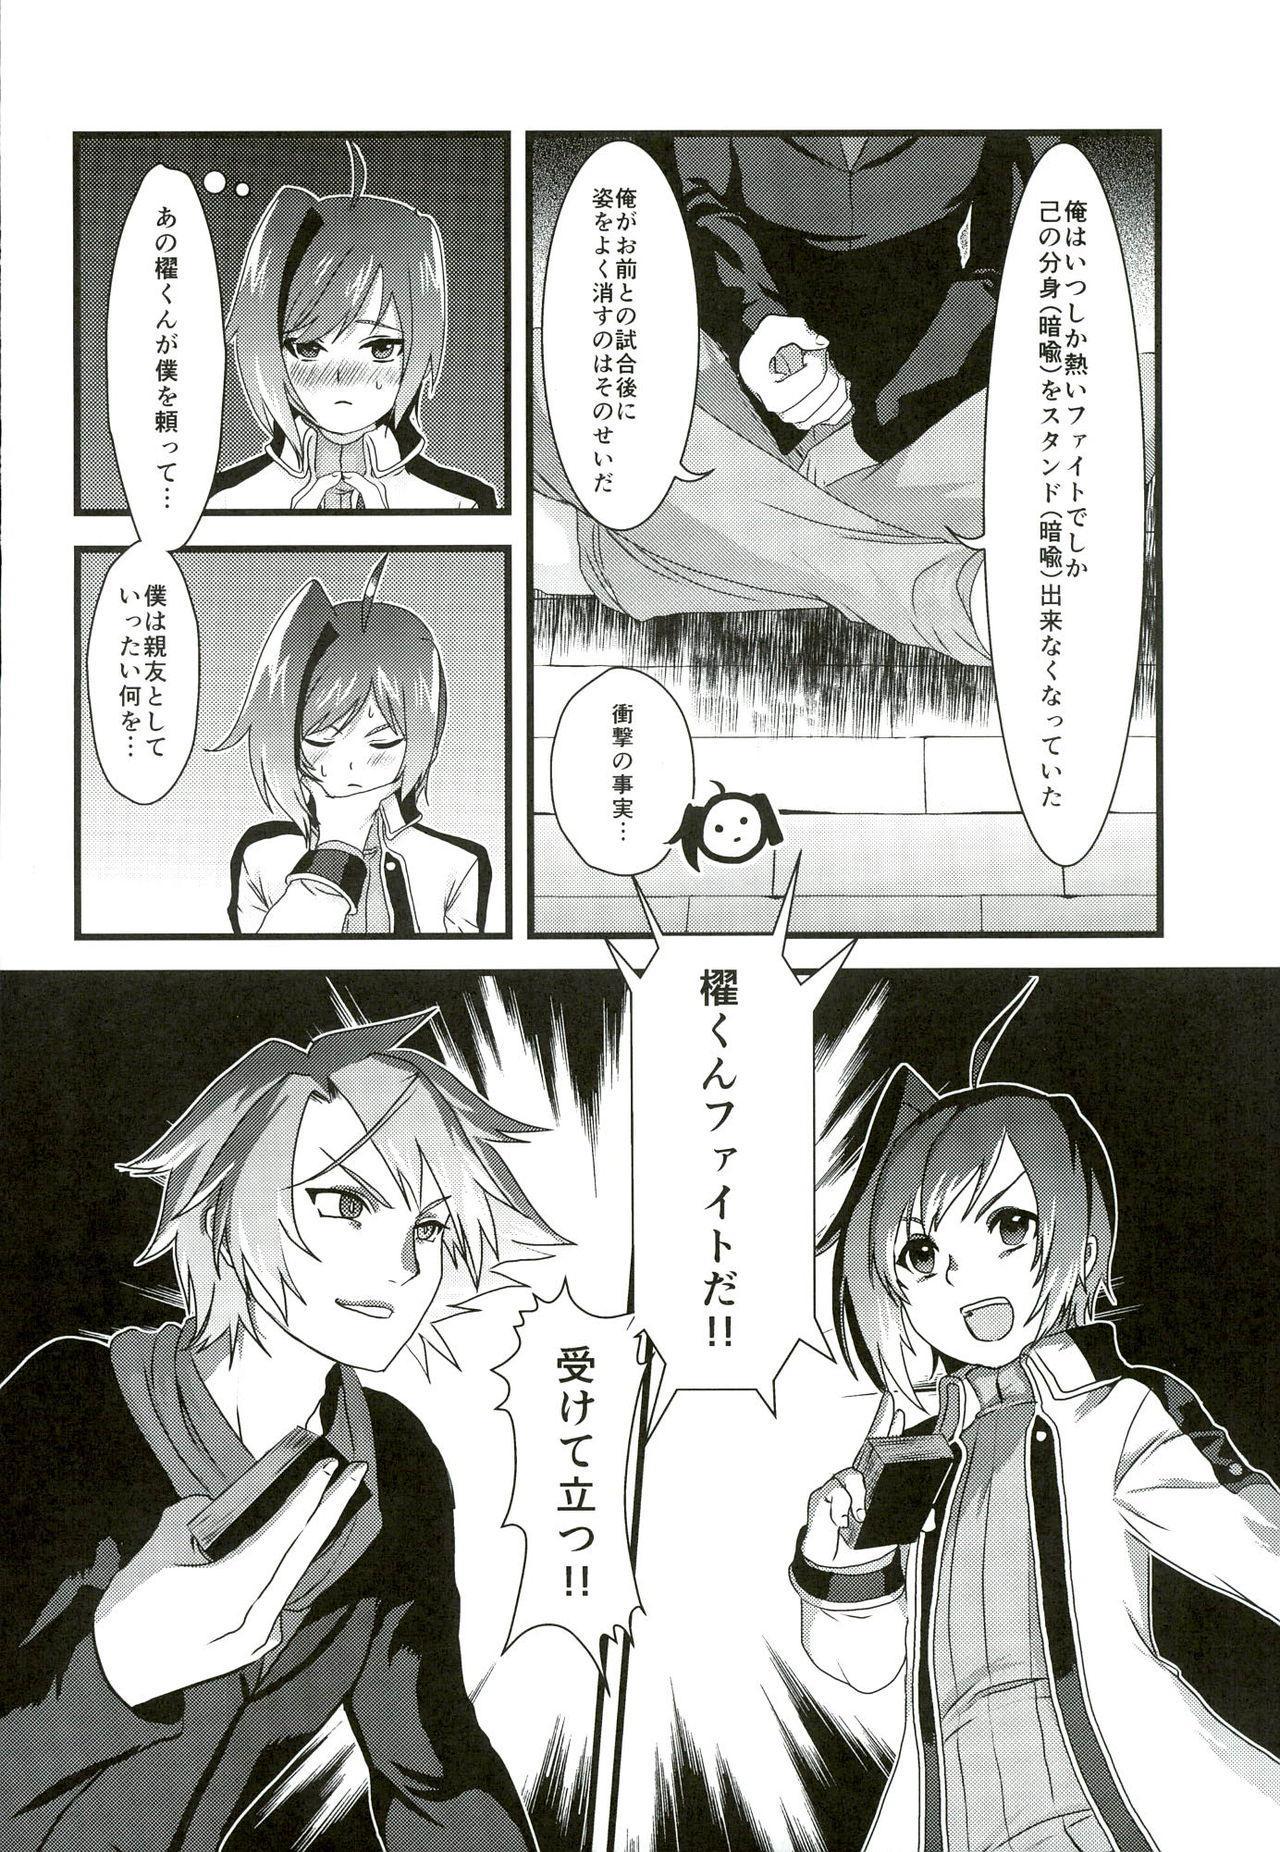 Kai-kun no Bunshin wa Fight de Shika Stand Shinai 7